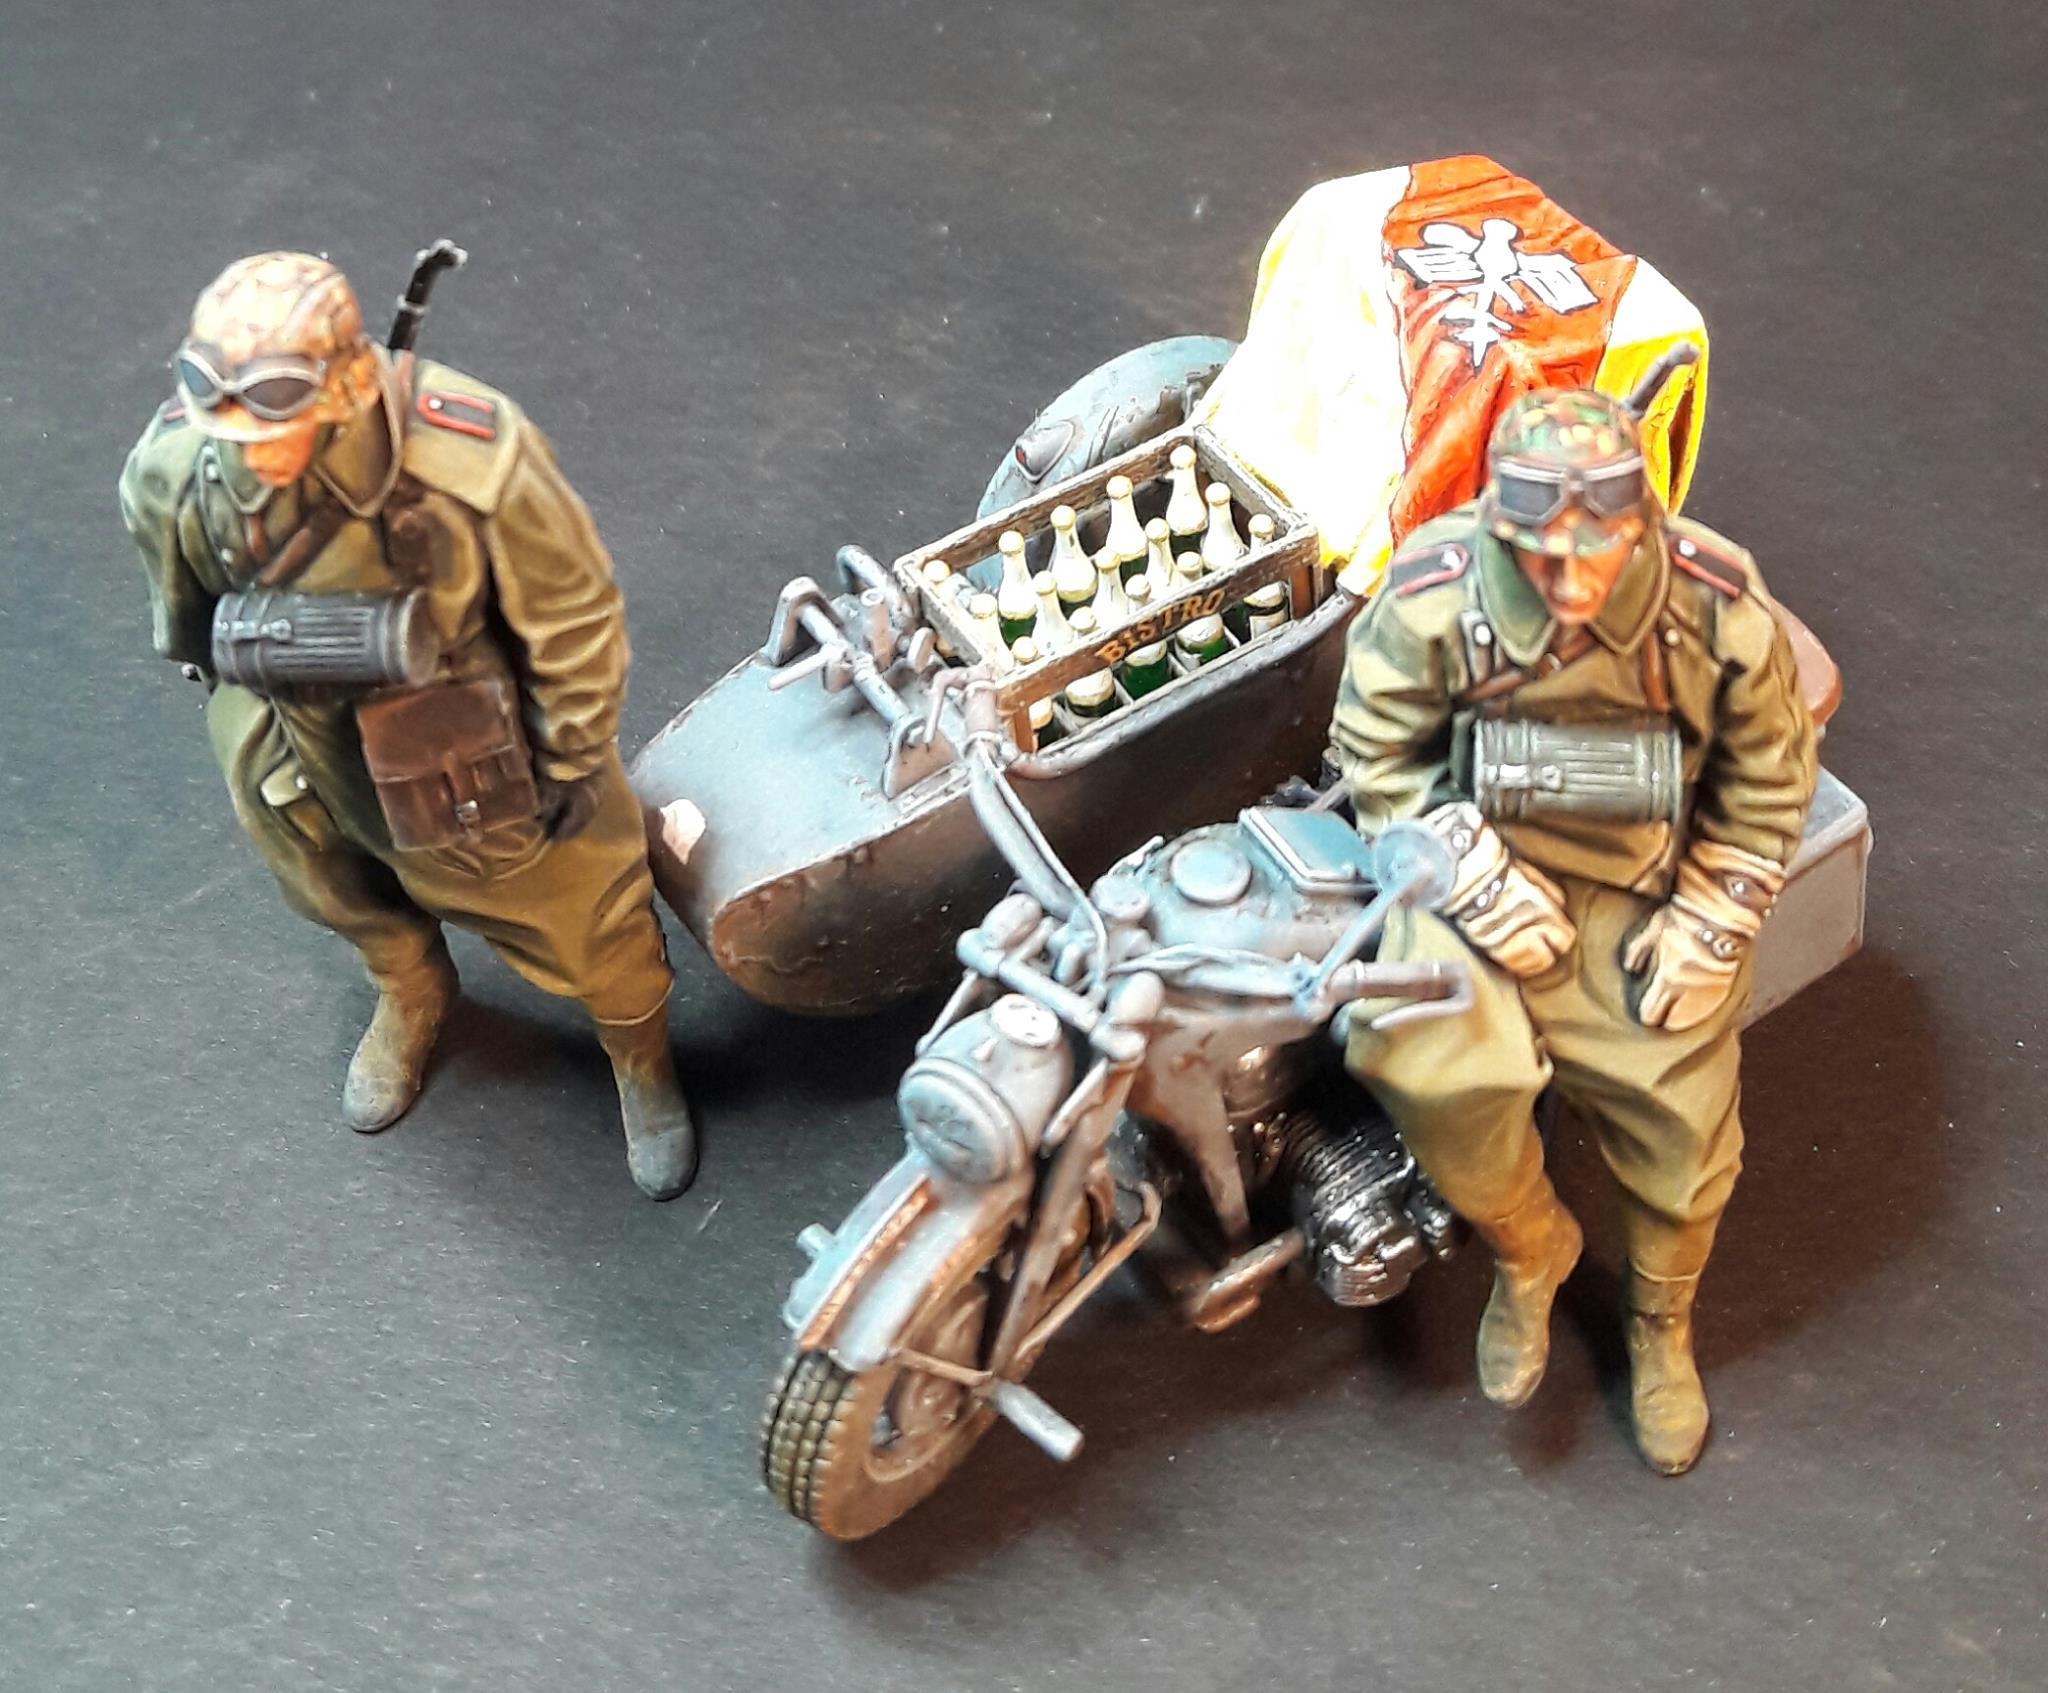 Zündapp KS750 - Sidecar - Great Wall Hobby + figurines Alpine - 1/35 - Page 5 5118772004905210211786805840143255920168o